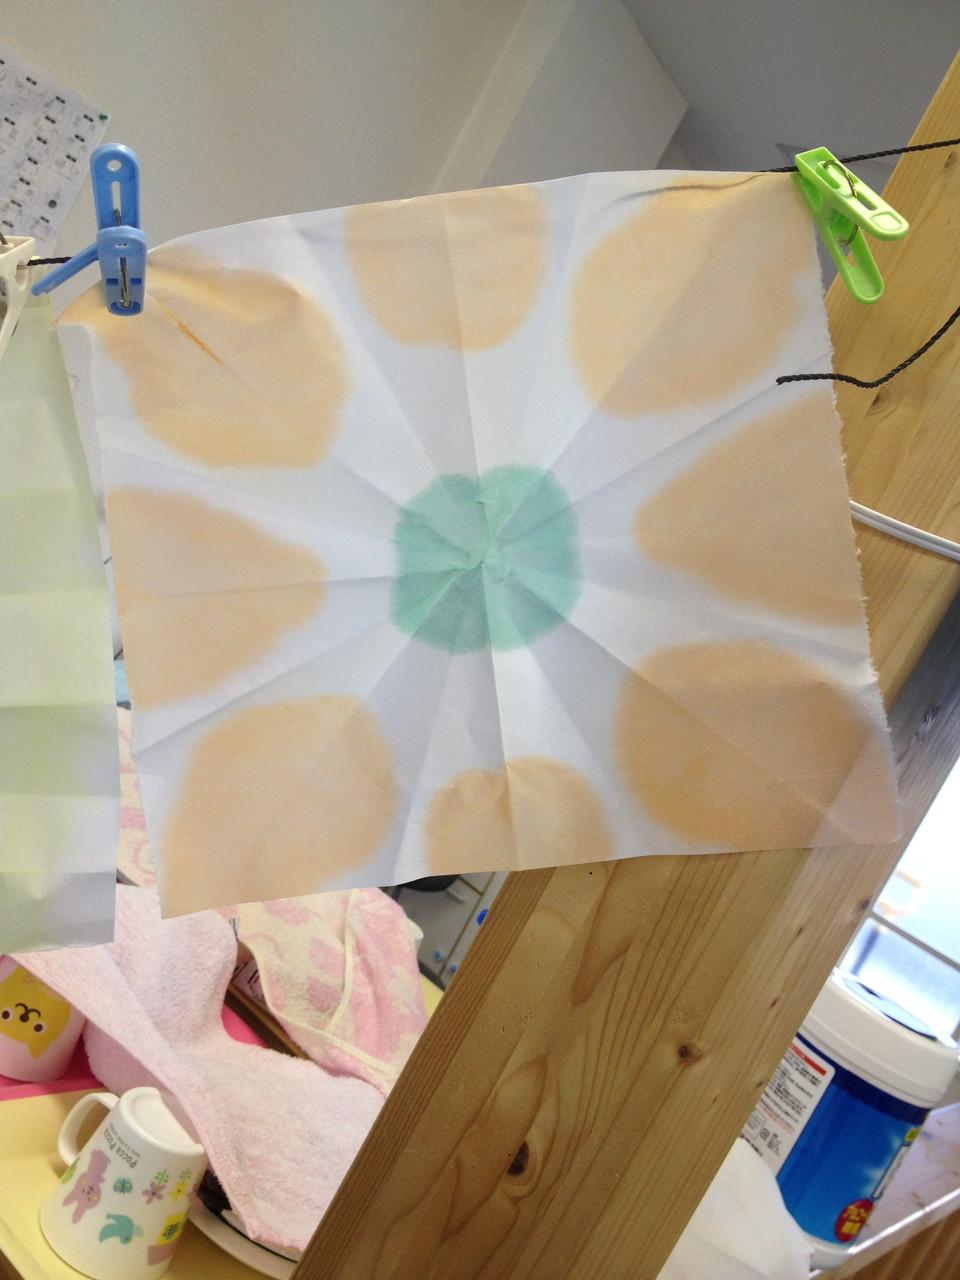 和紙を複数折って絵の具をつけて広げてみよう